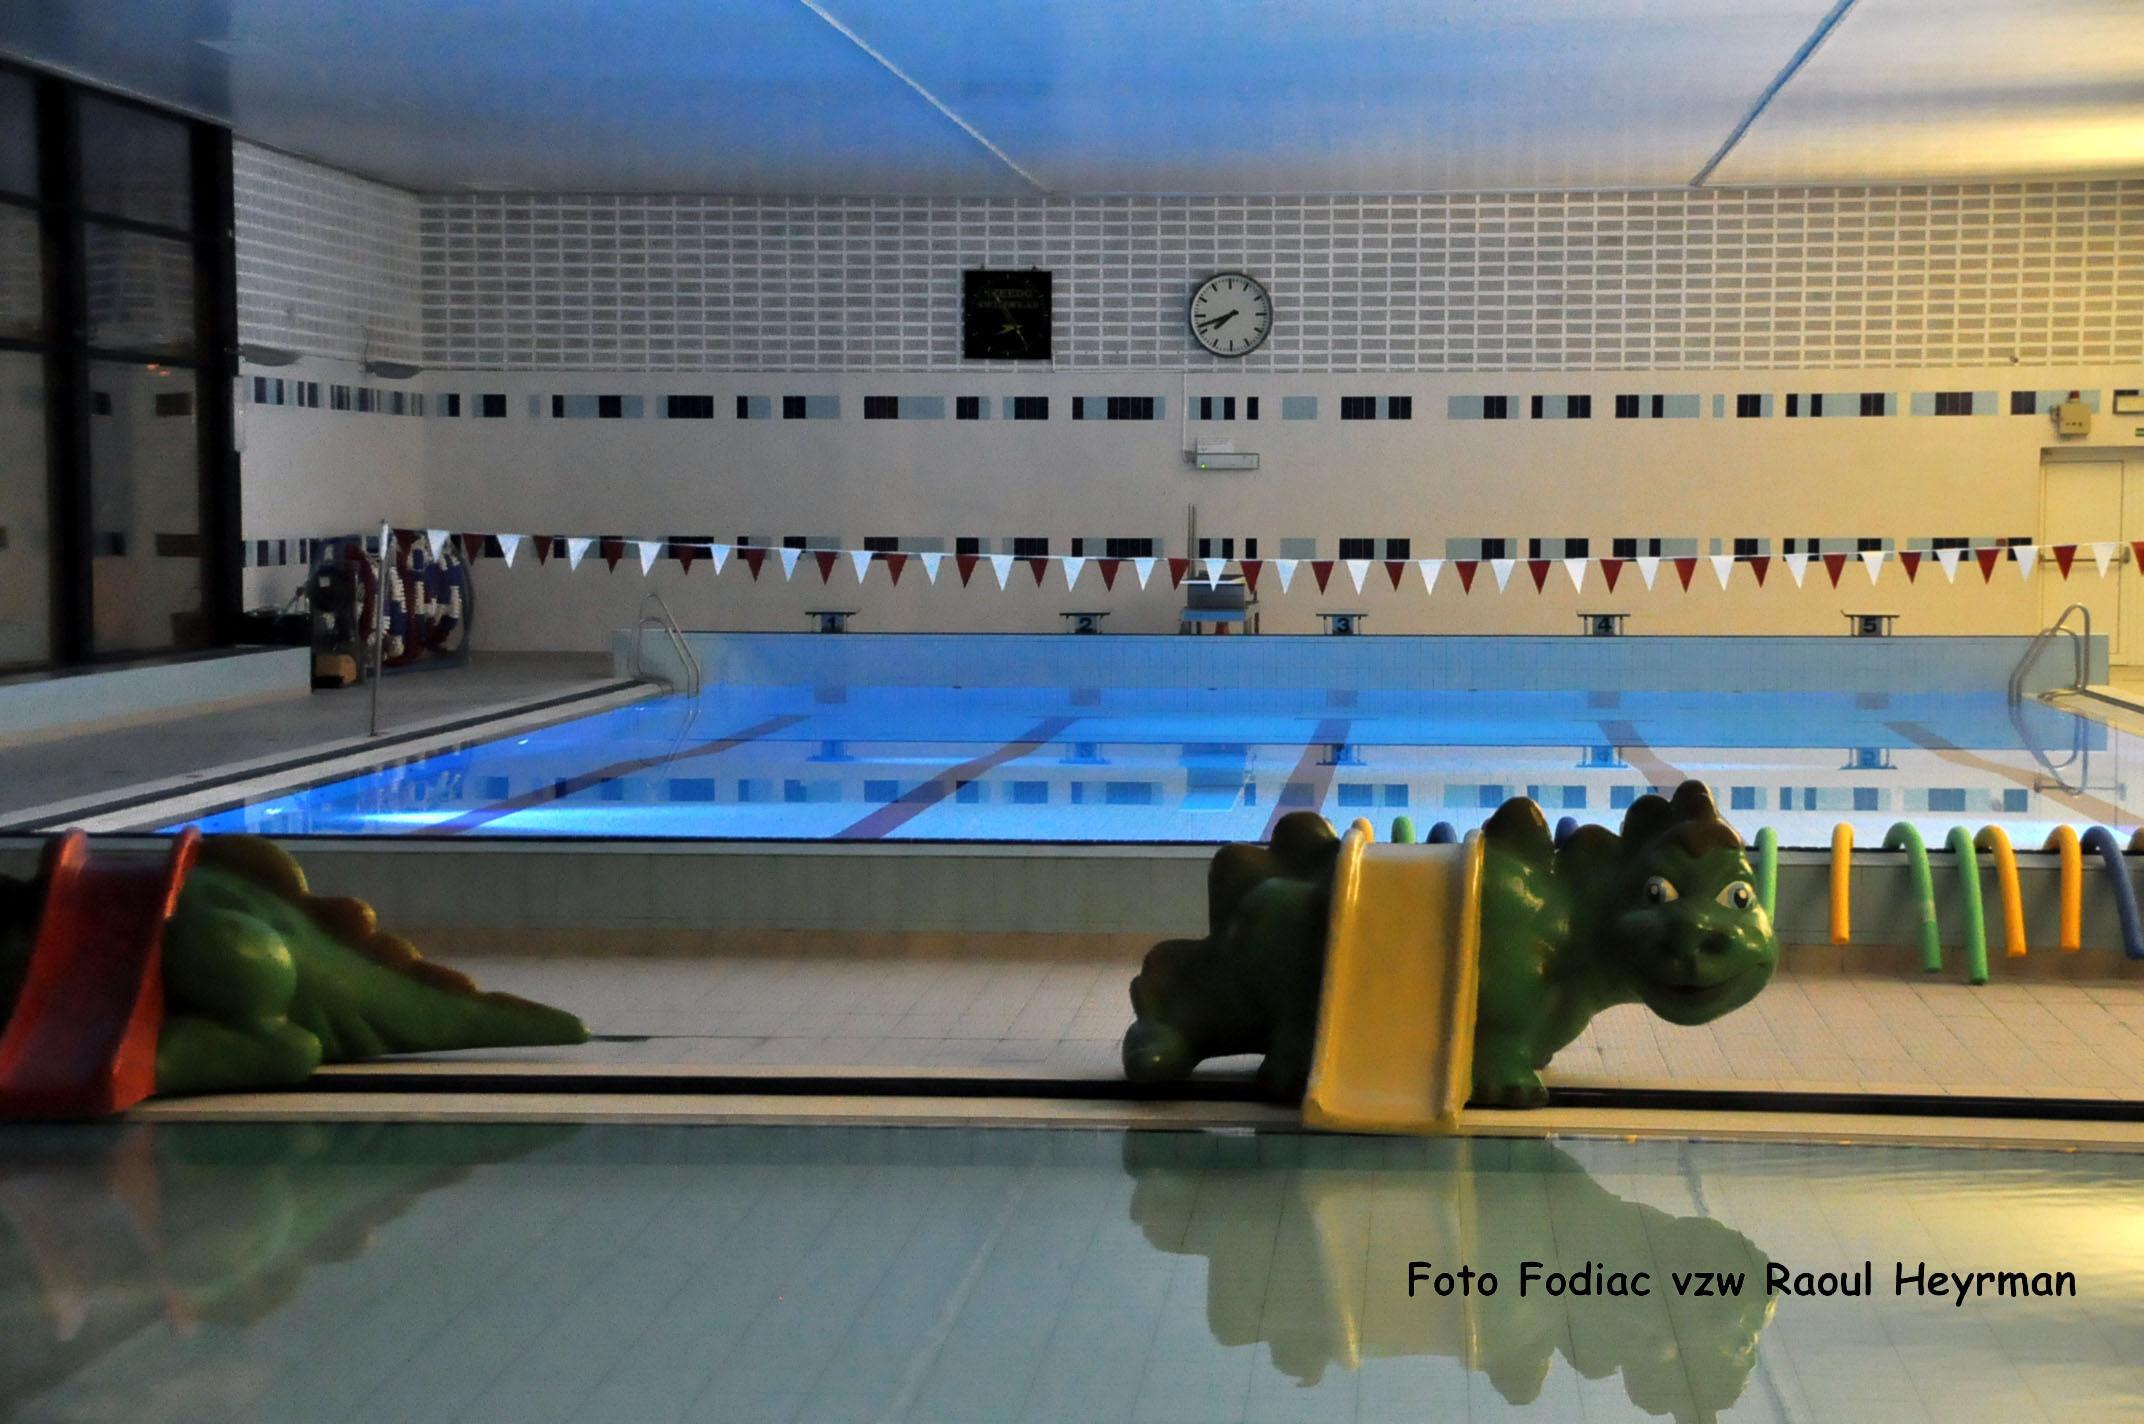 Aartselaar zwembad fauteuil 2017 - Fotos van zwembaden ...